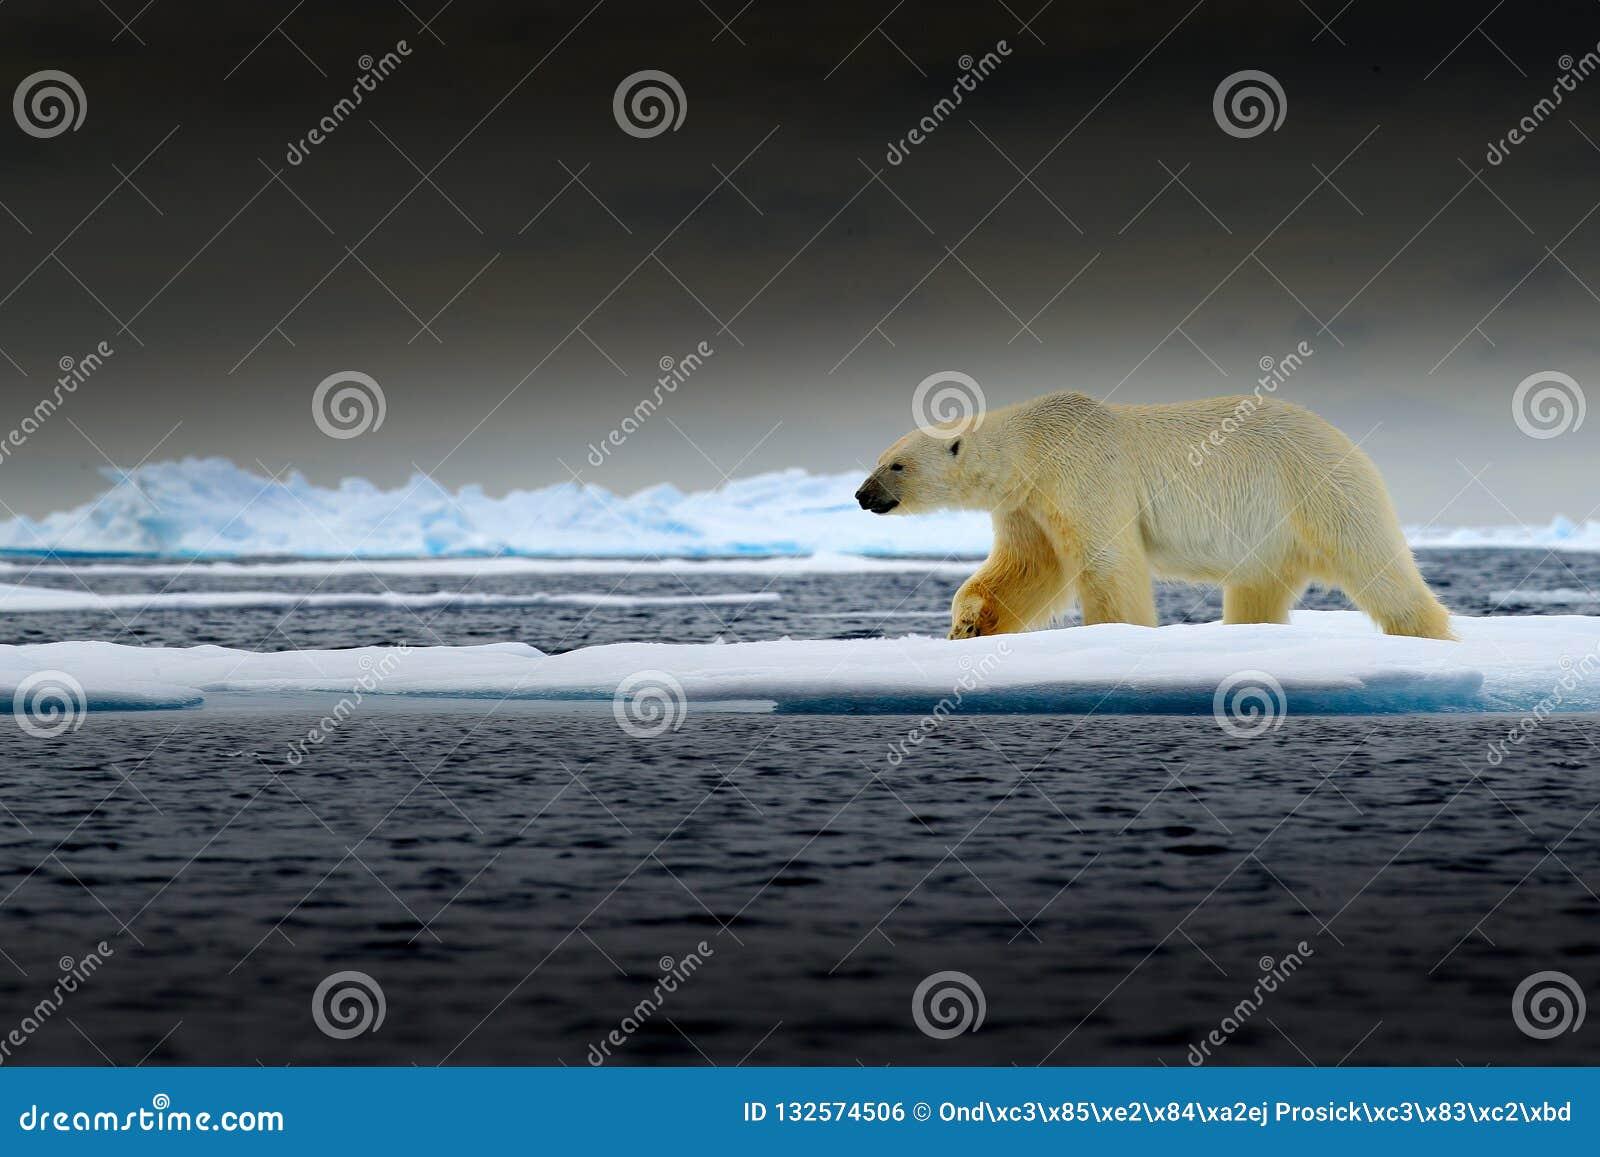 Полярный медведь на крае льда смещения со снегом и воде в море Норвегии Белое животное в среду обитания природы, Европа Сцена жив